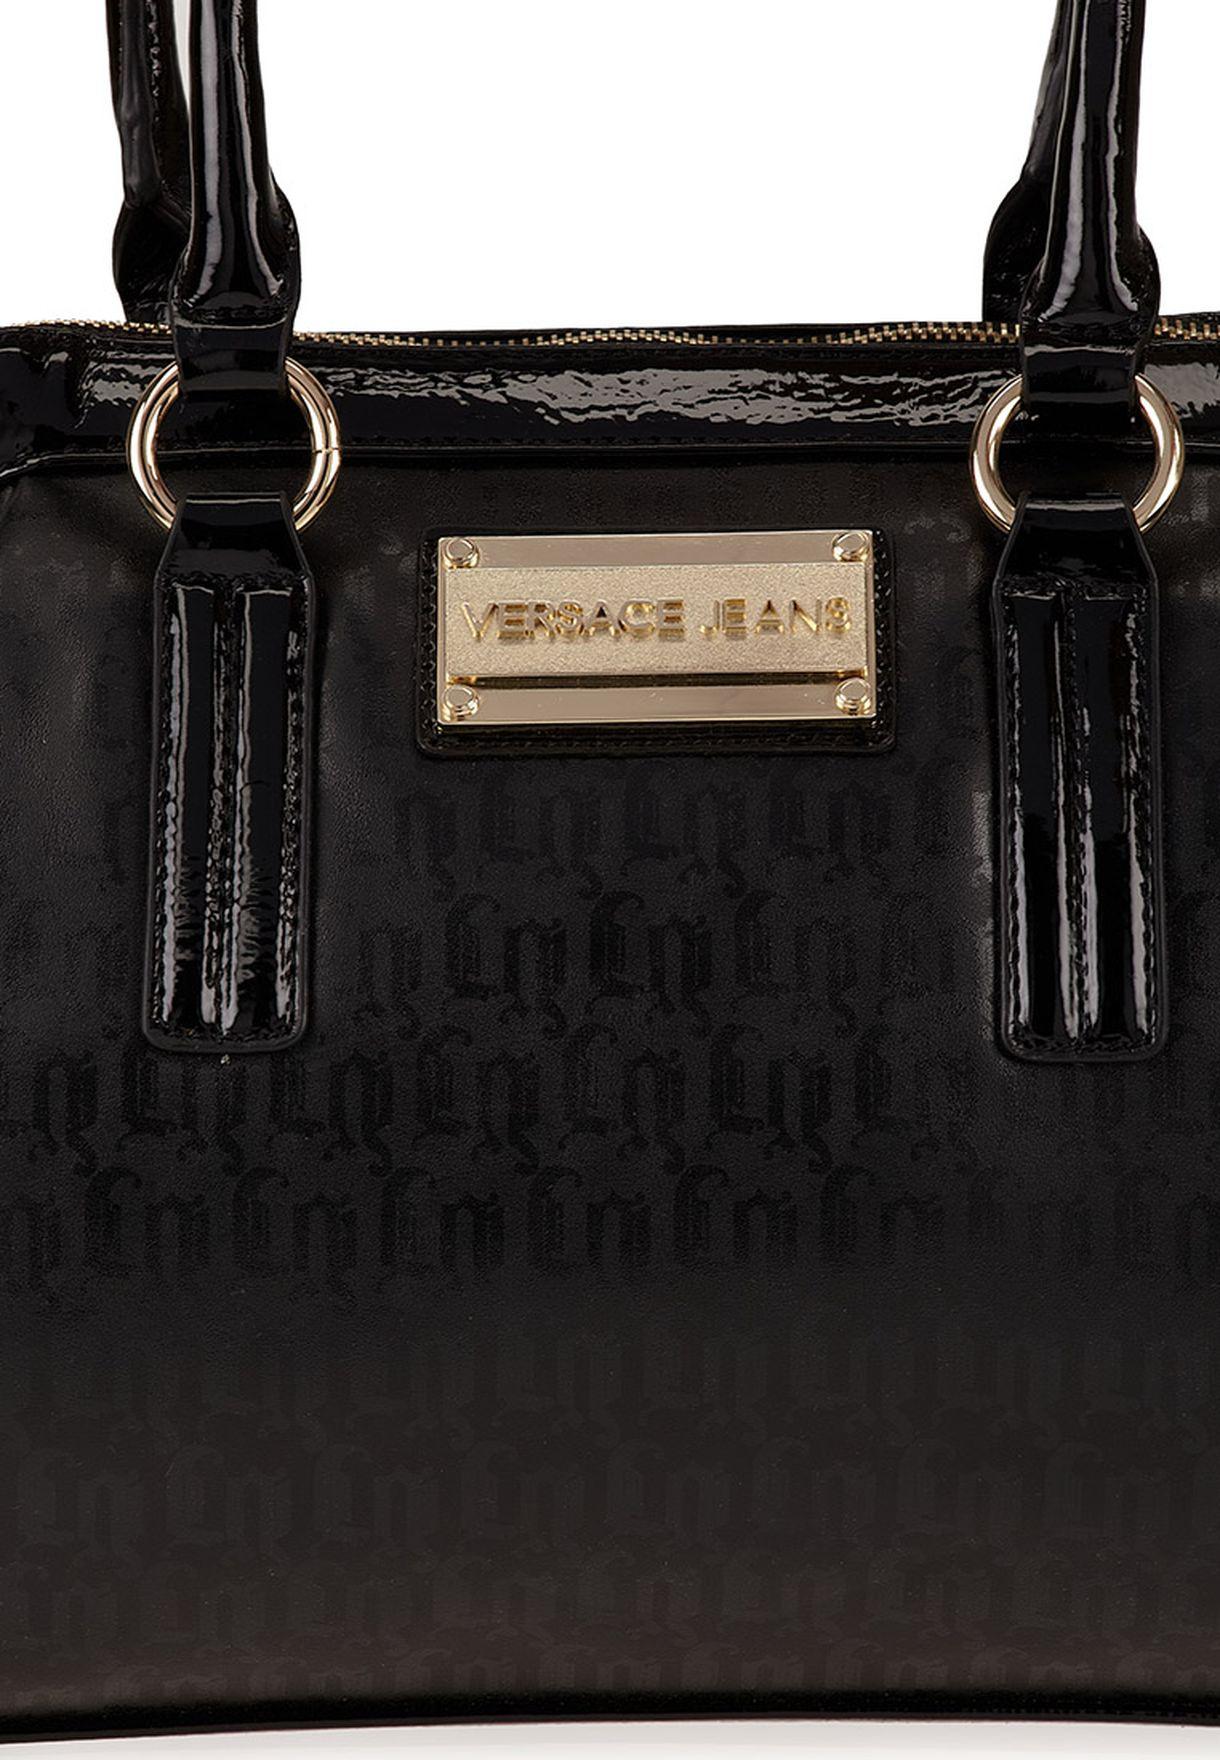 d82fb79f00e28 تسوق حقيبة بيد قصيرة ماركة فرساتشي جينز كوتور لون أسود في السعودية ...